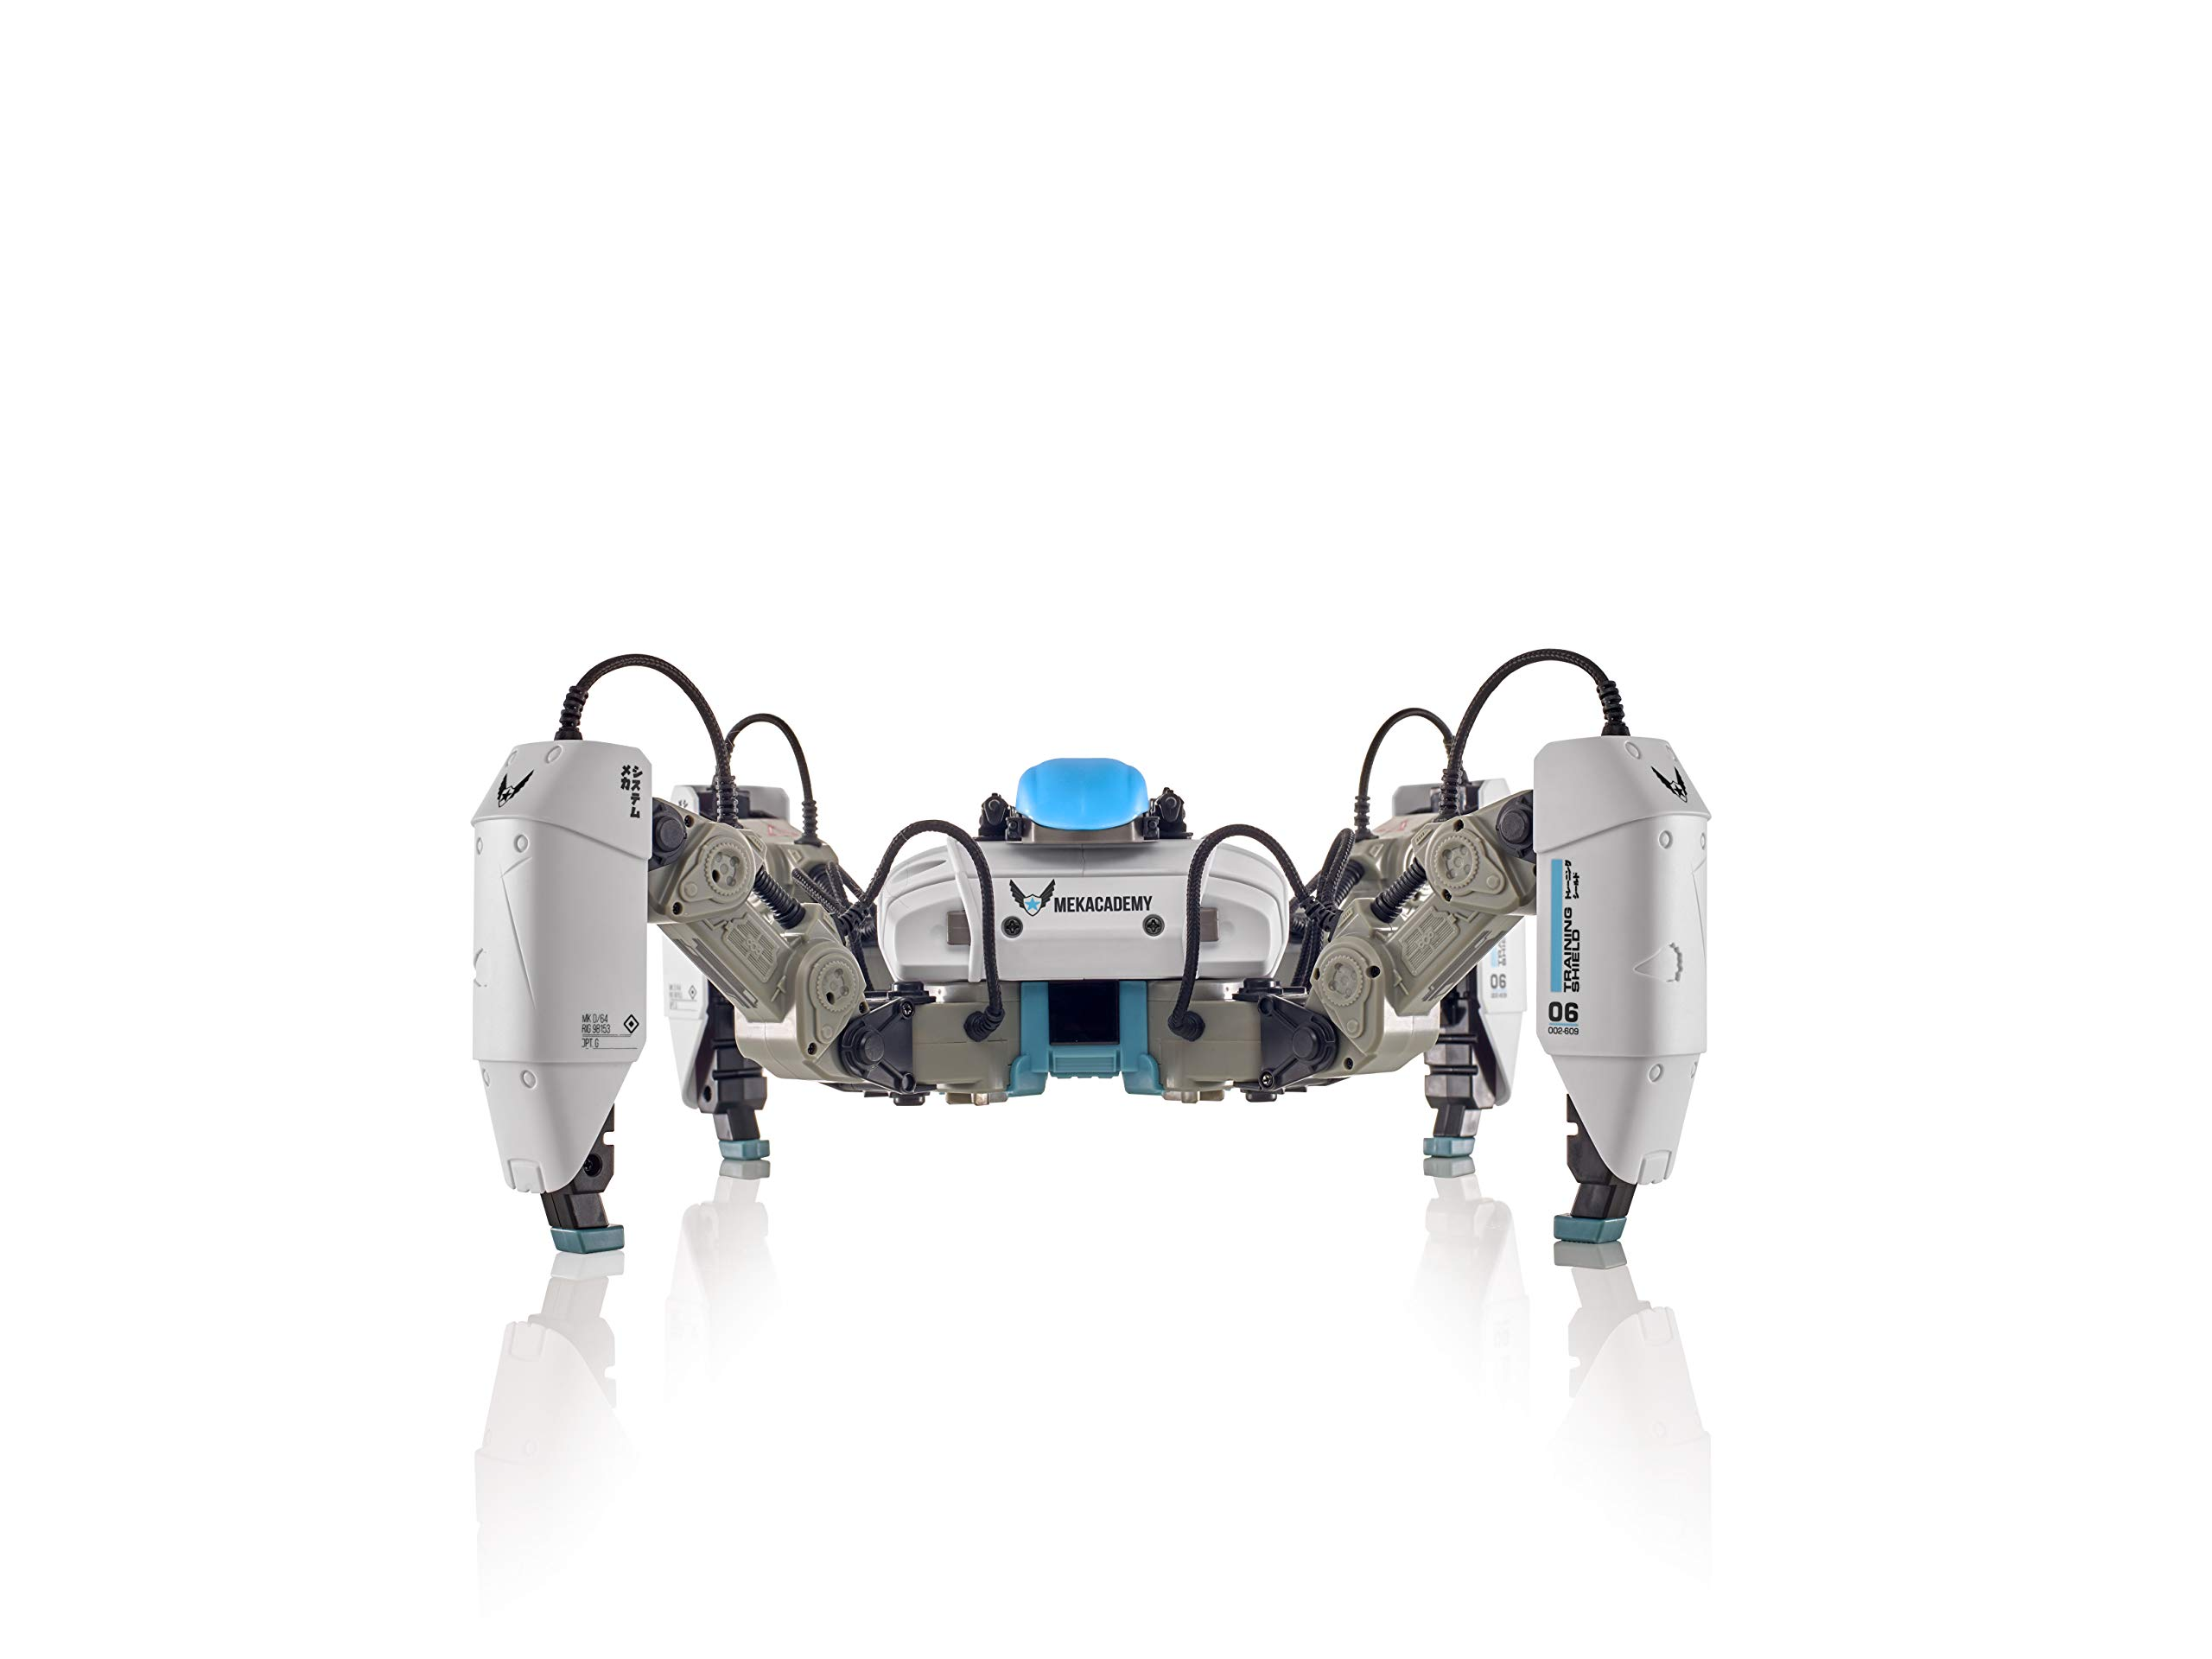 Mekamon Berserker V1 Gaming Robot - US (White)